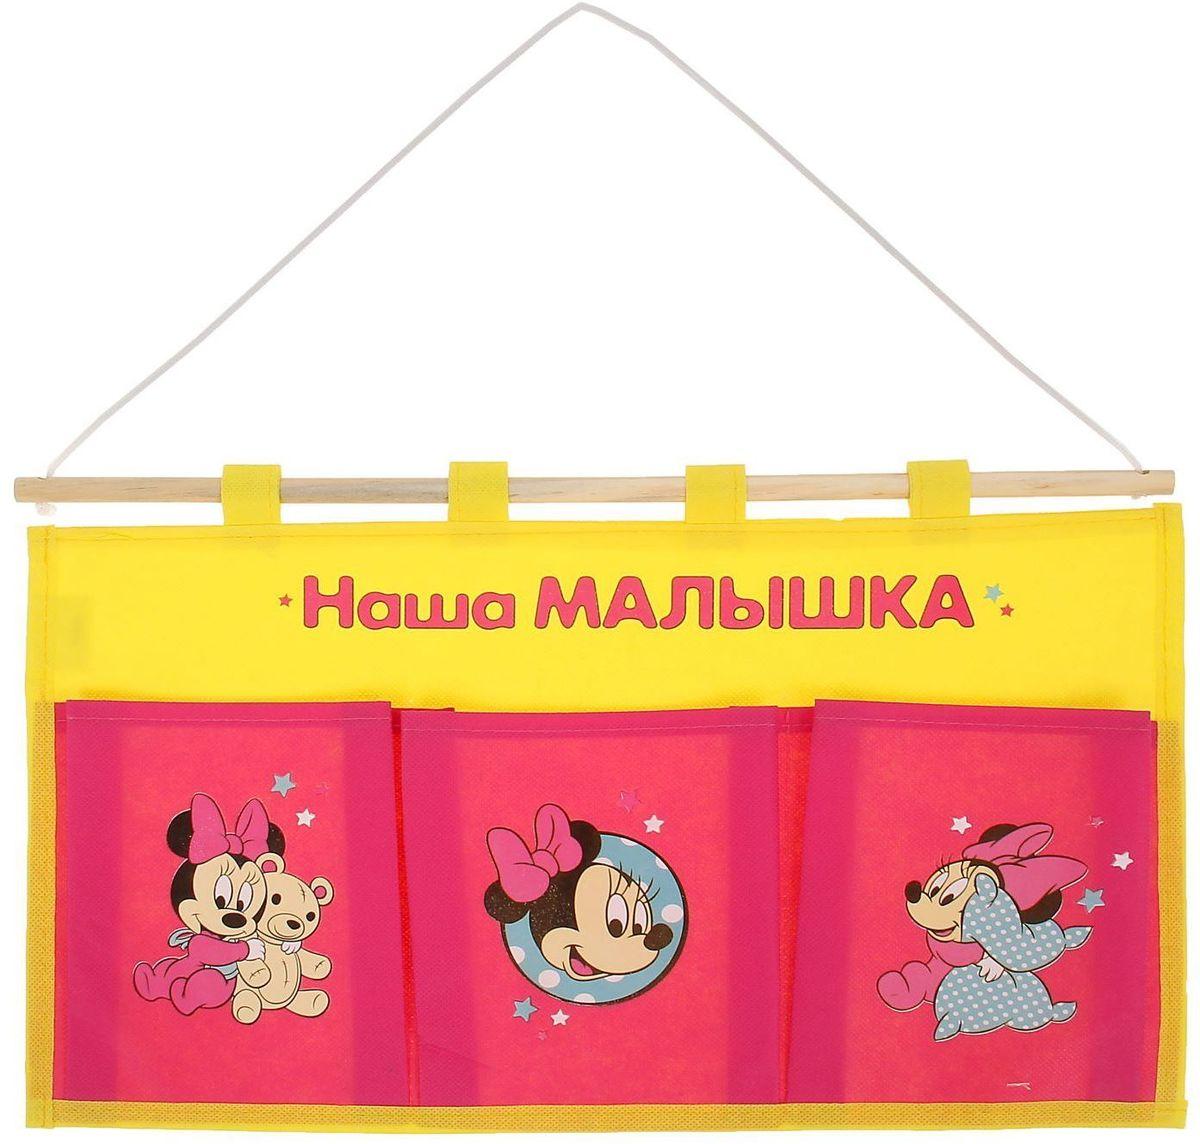 Disney Кармашки настенные Наша малышка Минни Маус 3 отделения 1162098